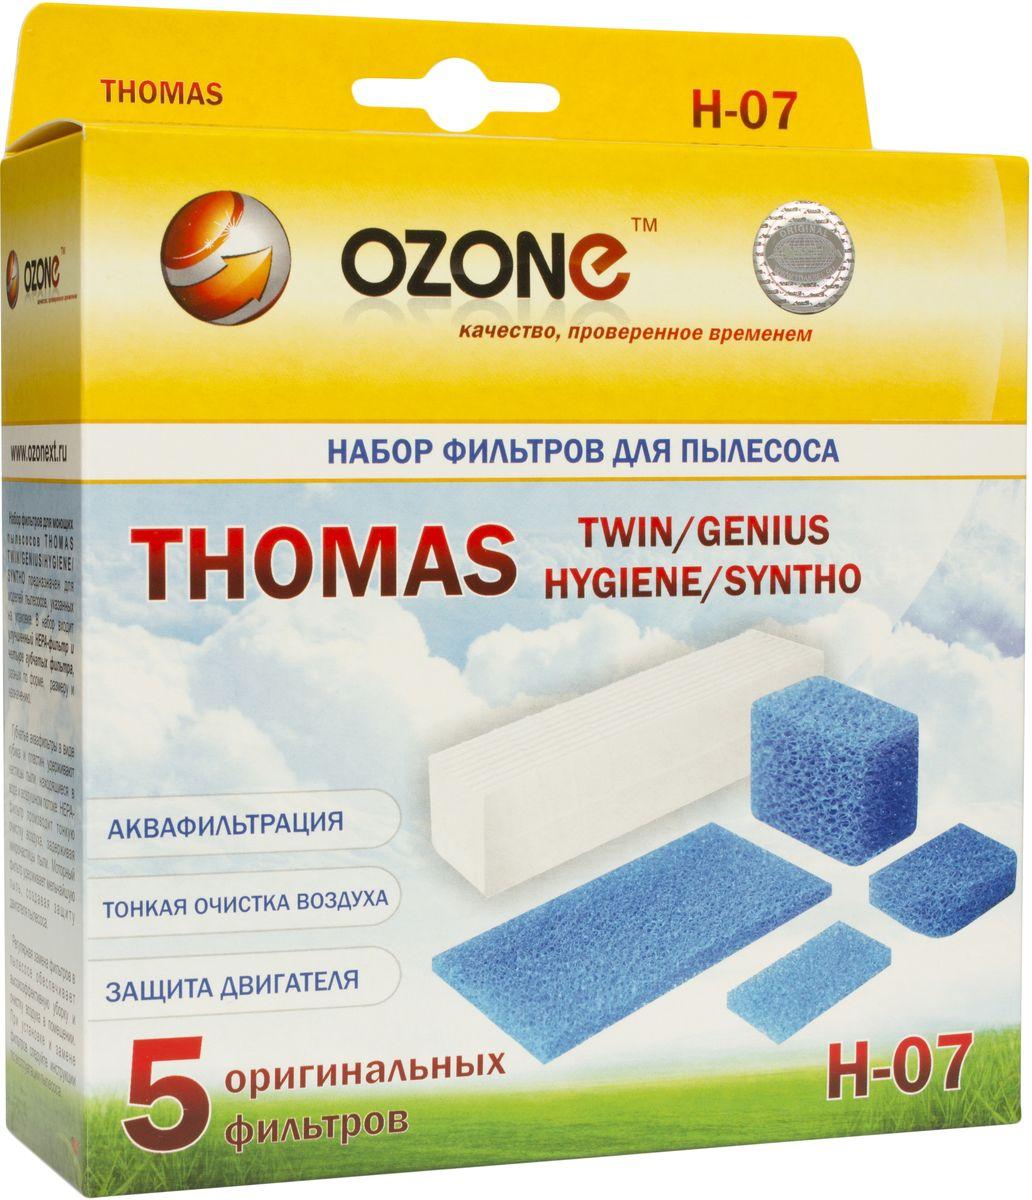 Ozone H-07 набор фильтров для пылесосов ThomasH-07HEPA фильтр Ozone microne H-07 высокоэффективной очистки предназначен для завершающей очистки воздуха в помещении, которое требует высокое качество воздуха, например, медицинских помещений. Фильтр состоит из мелкопористых материалов, что служит эффективному задерживанию частиц размером до 0,3 мкм. Фильтры HEPA последнего поколения имеют степень очистки воздуха около 95-97%. Фильтры не подлежат к промывке, а значит, они являются одноразовыми.